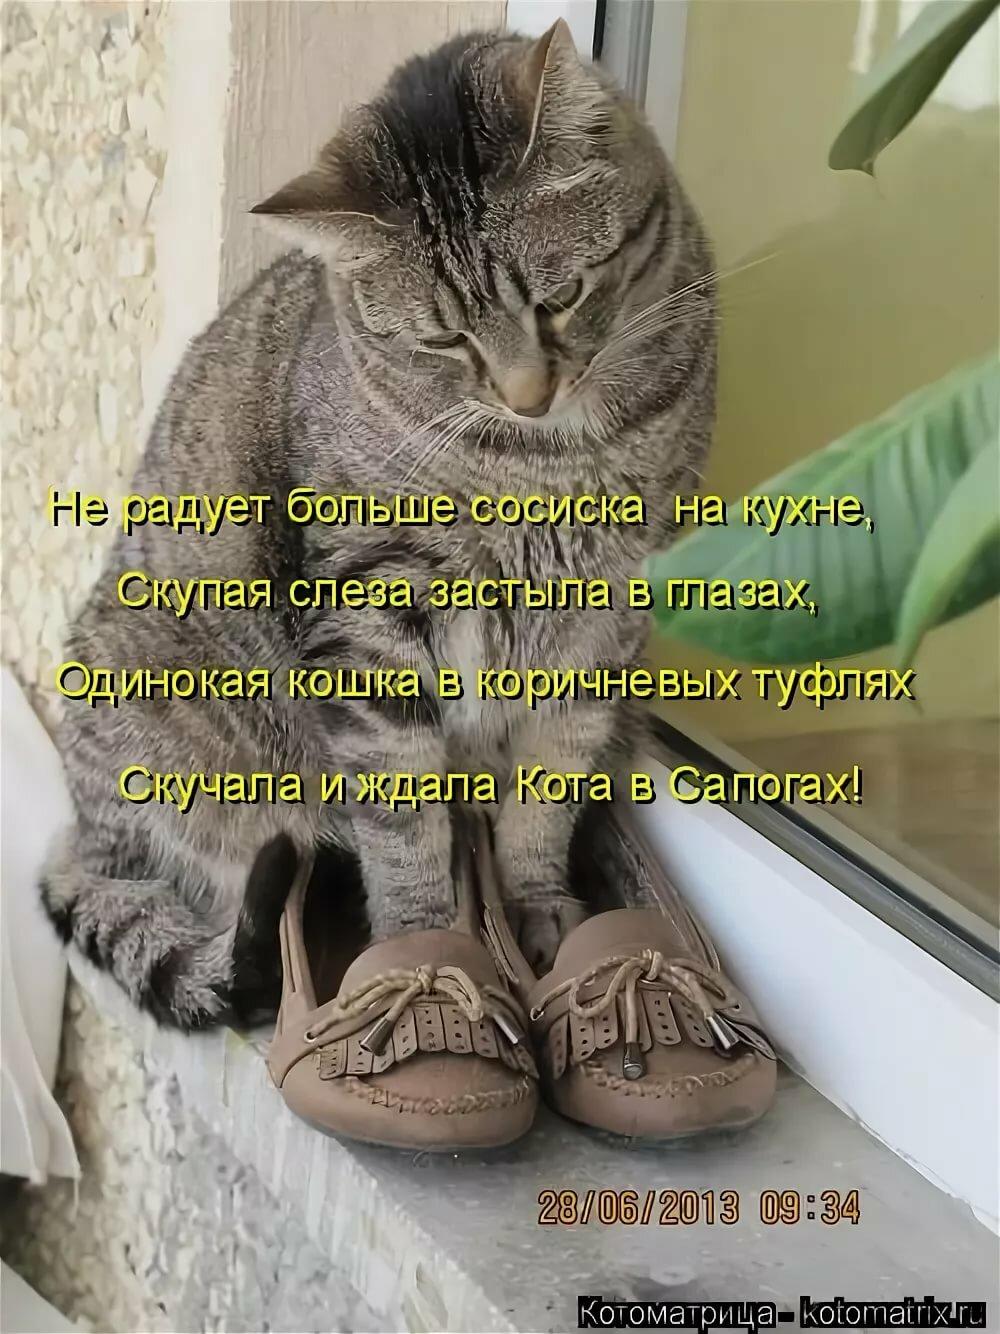 Открытка, смешные картинки про кошек смешные с надписями до слез